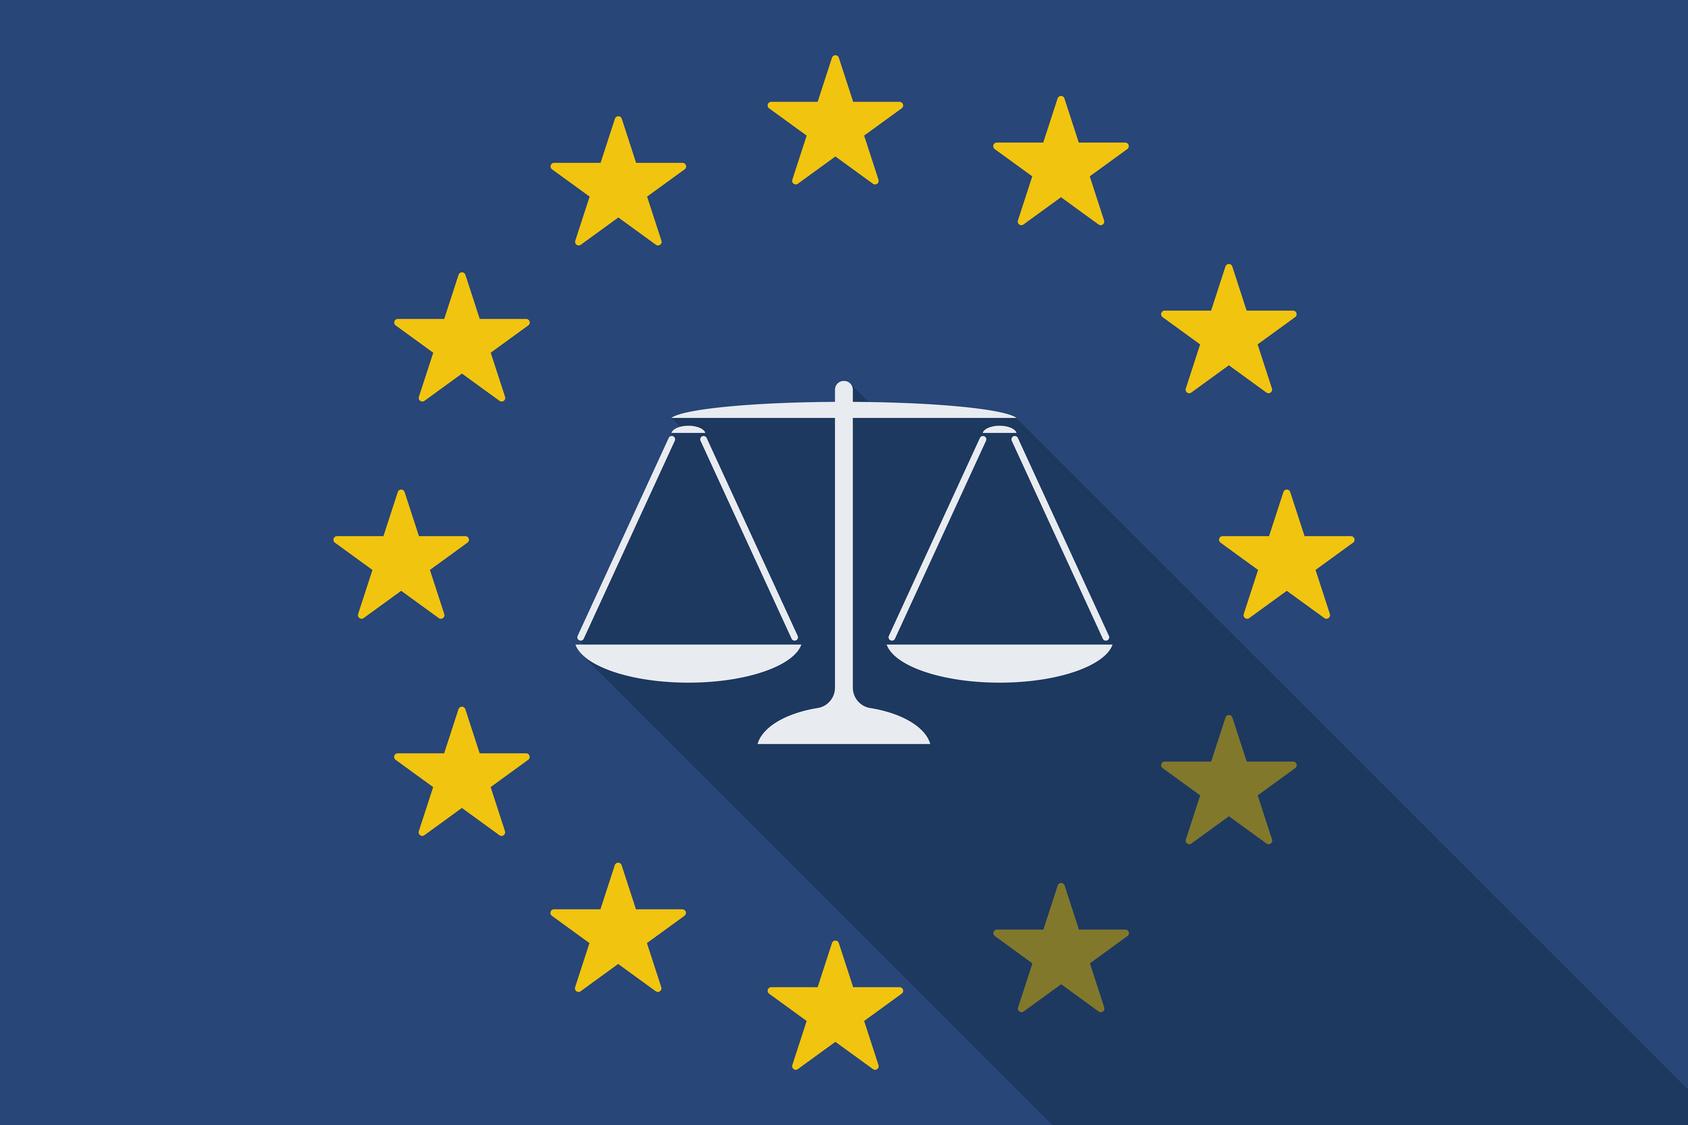 Poleganie na zdolnościach podmiotów trzecich - w świetle najnowszego orzecznictwa Trybunału Sprawiedliwości Unii Europejskiej